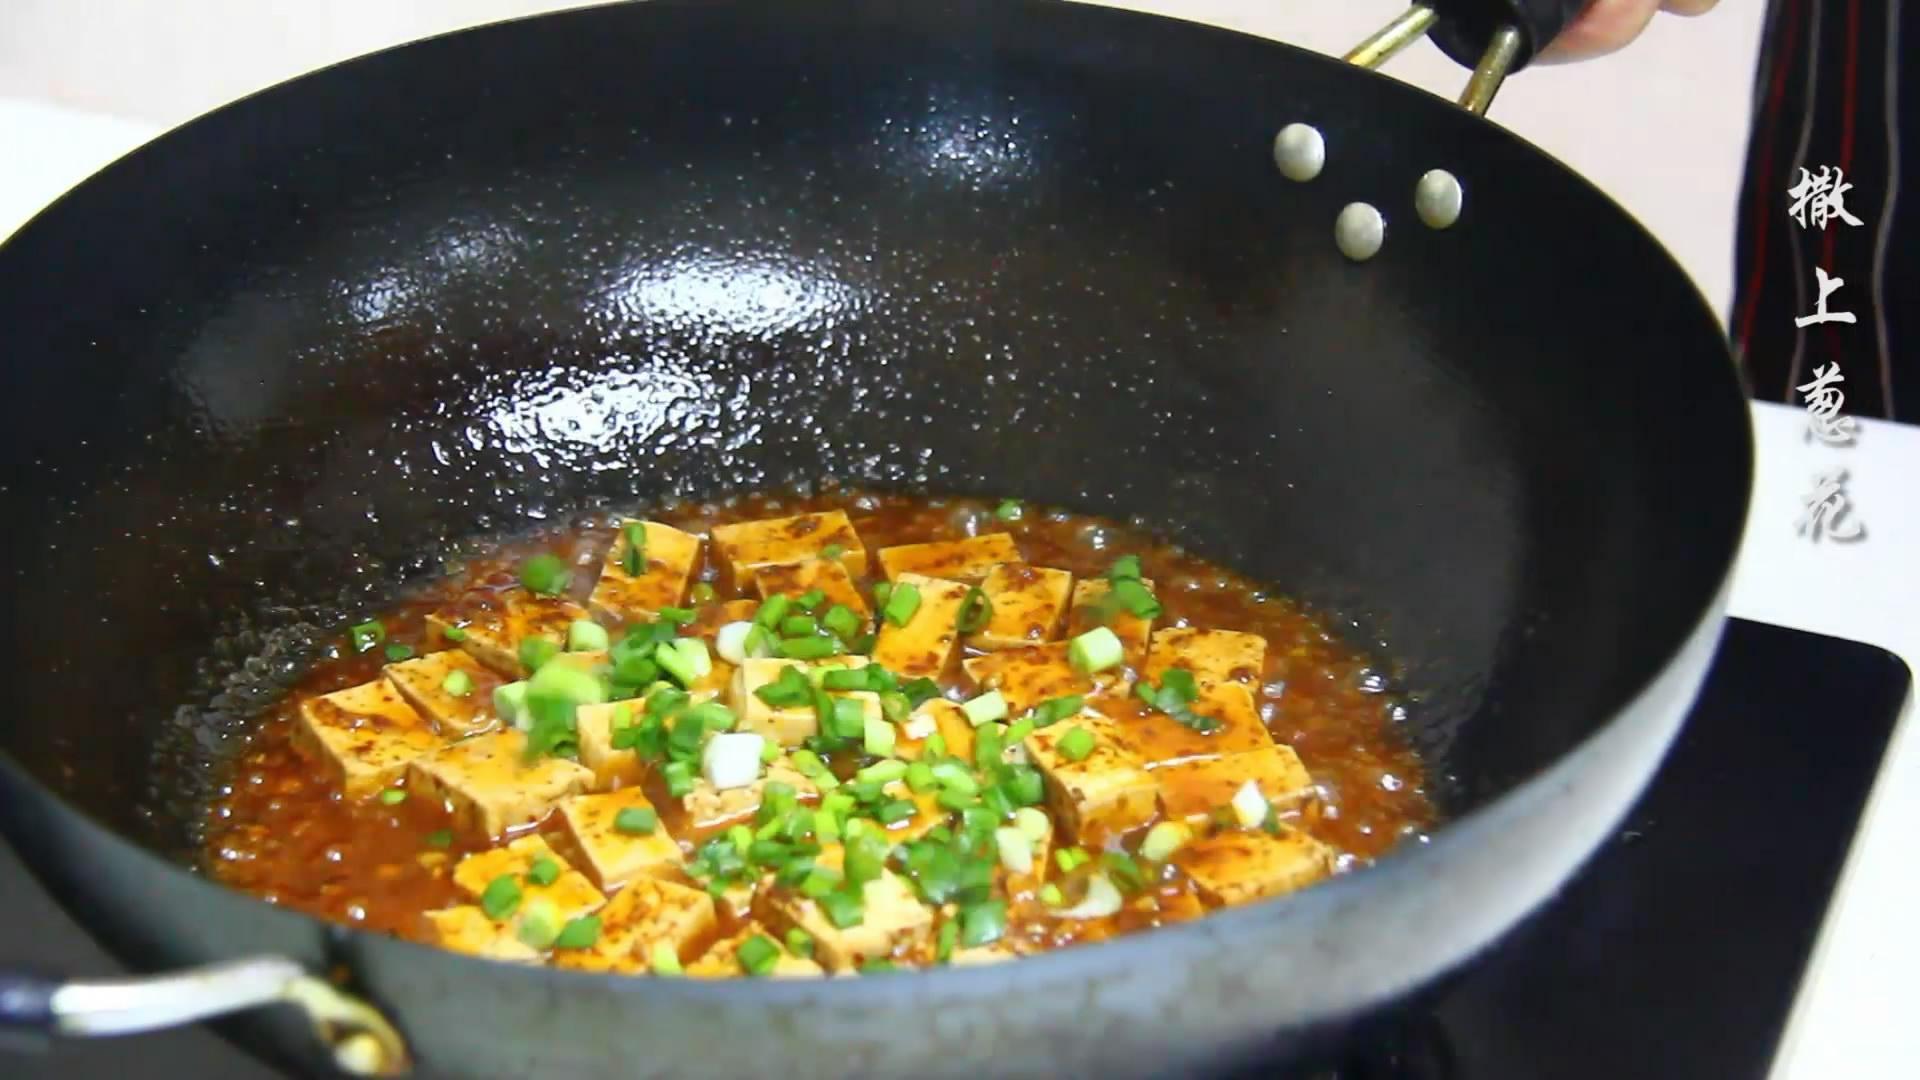 四大川菜之麻婆豆腐